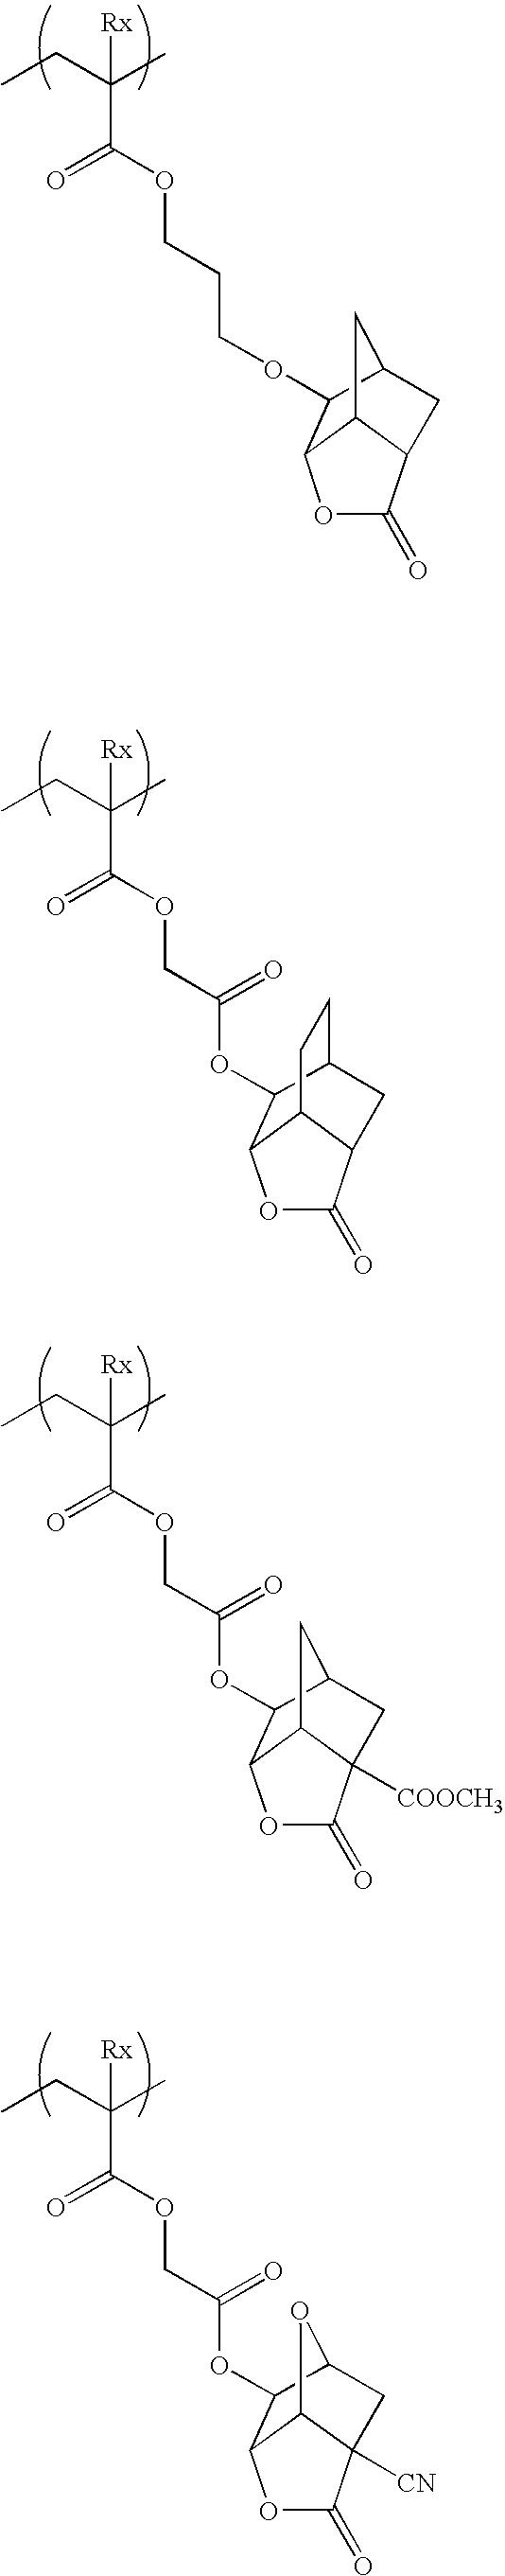 Figure US20100183975A1-20100722-C00136